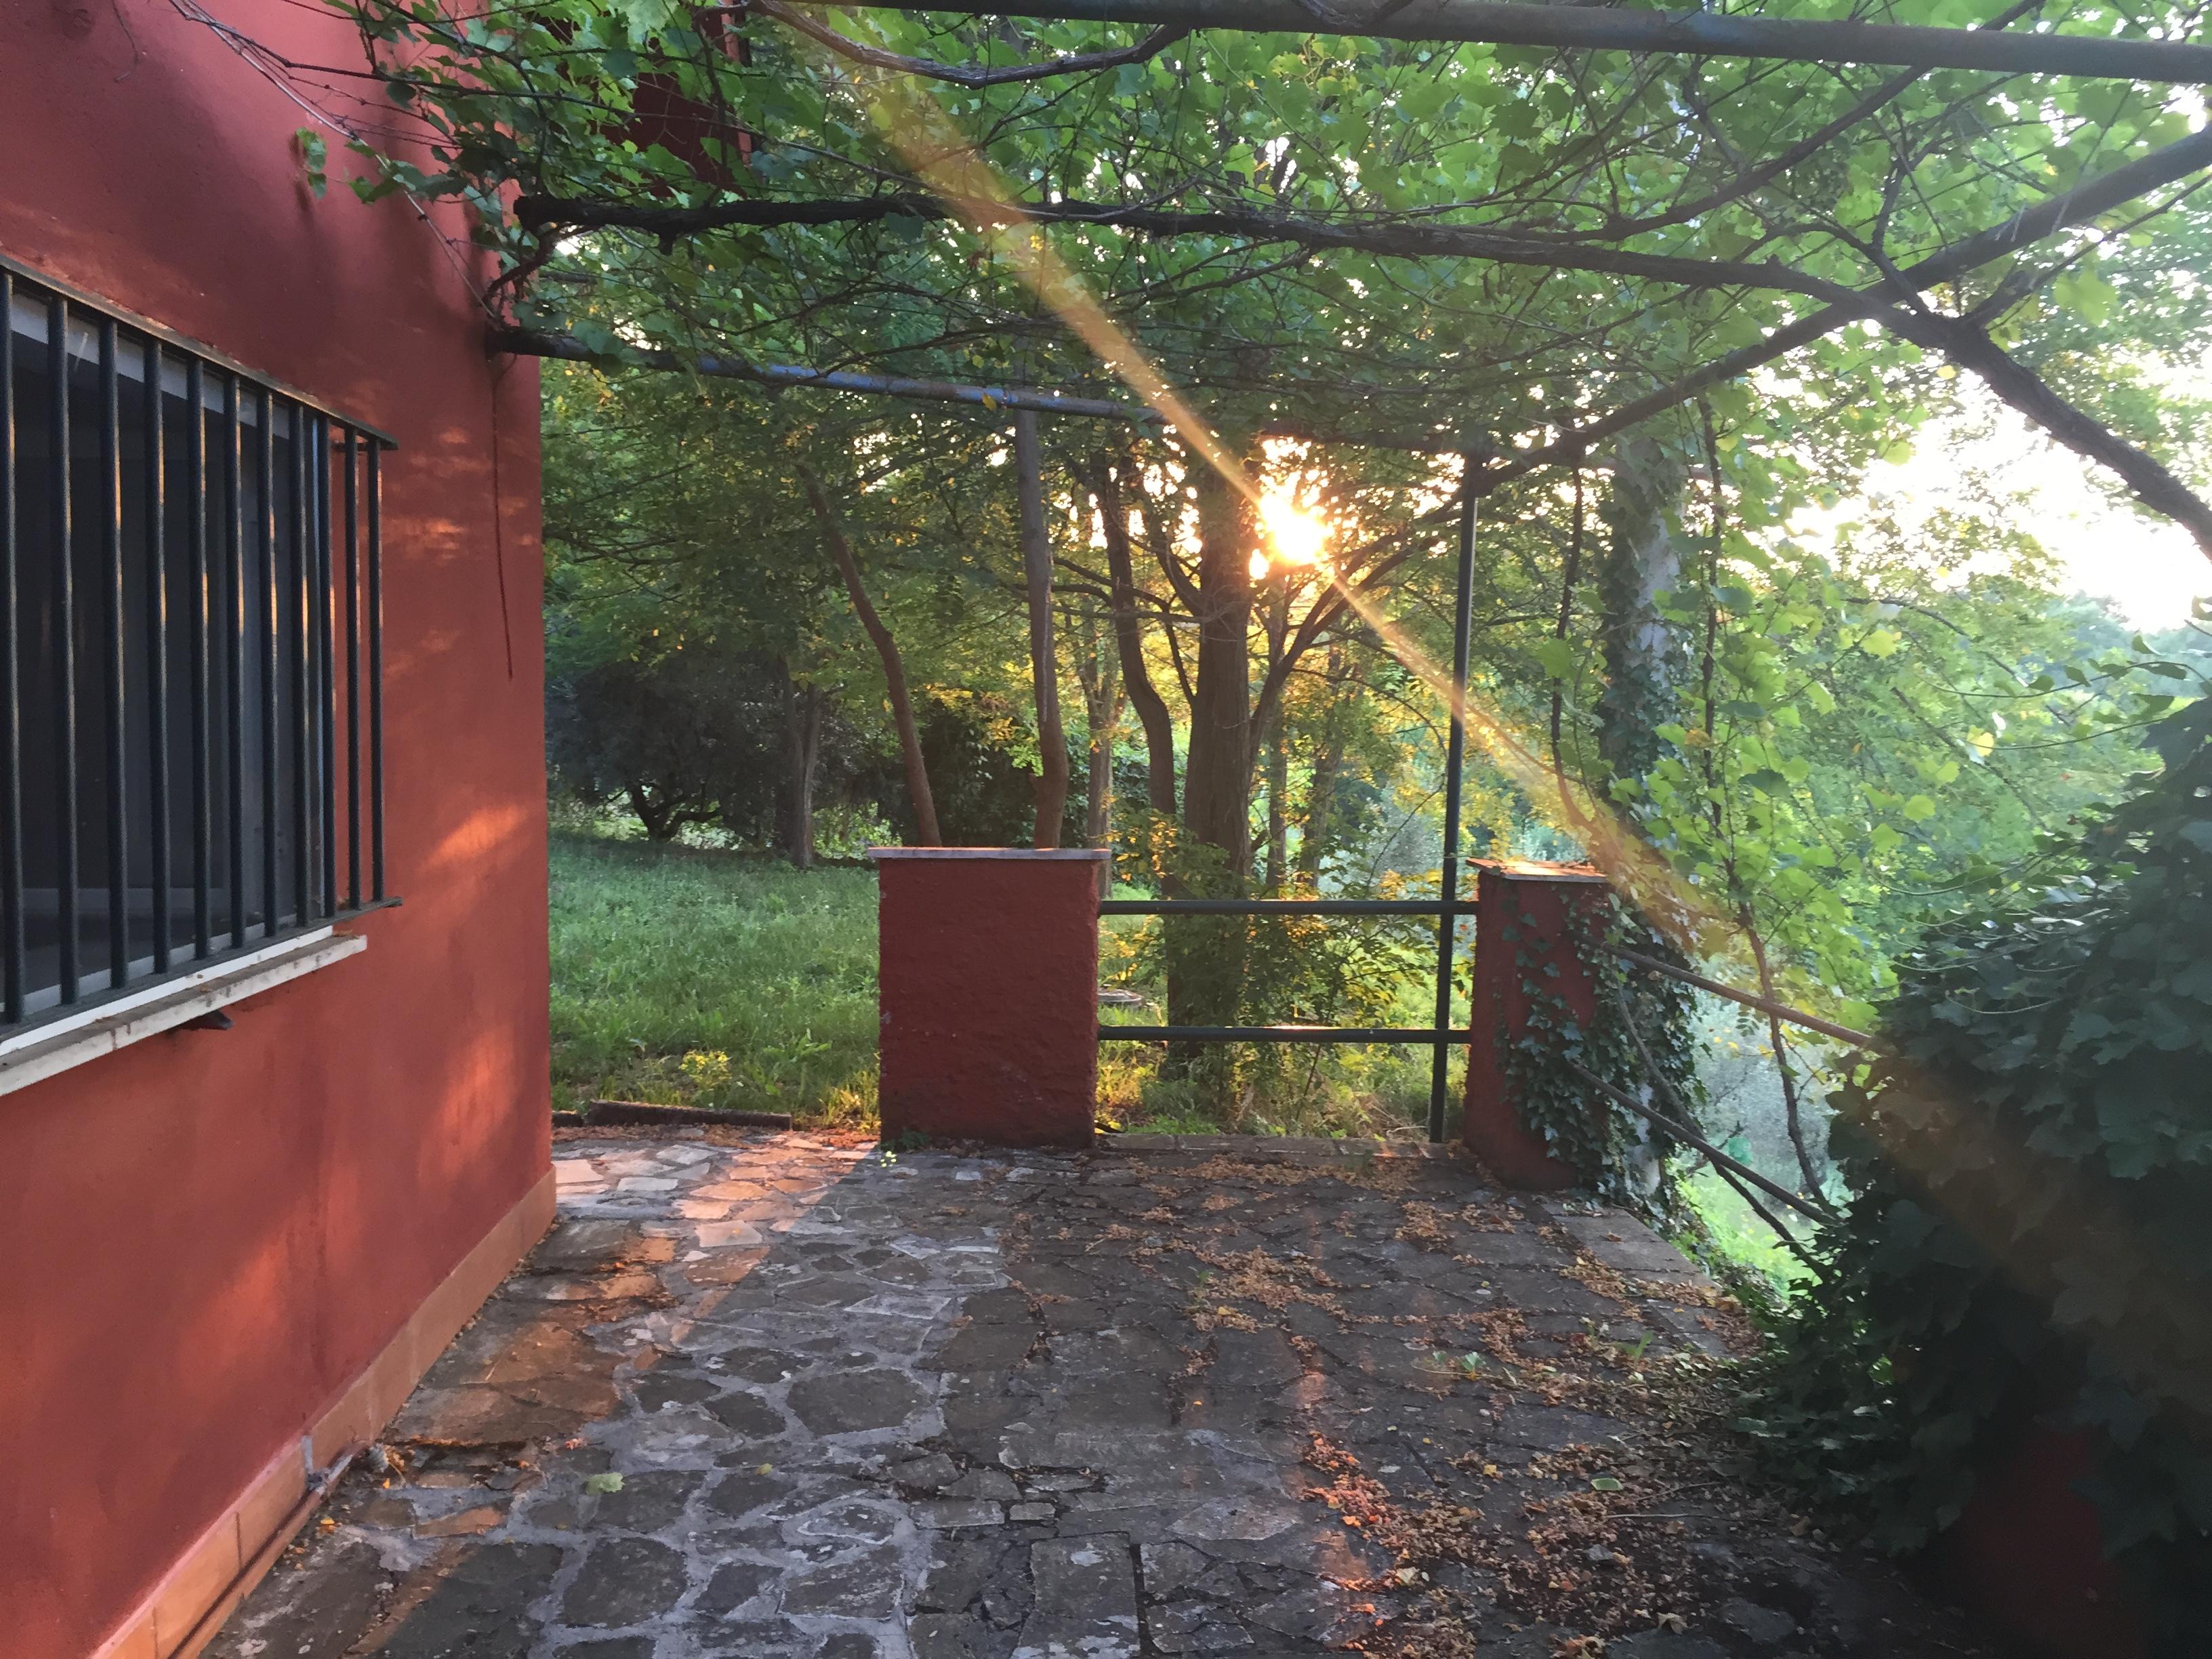 Monte Porzio Catone Cosa Vedere appartamento in tenuta ai castelli romani - houses for rent